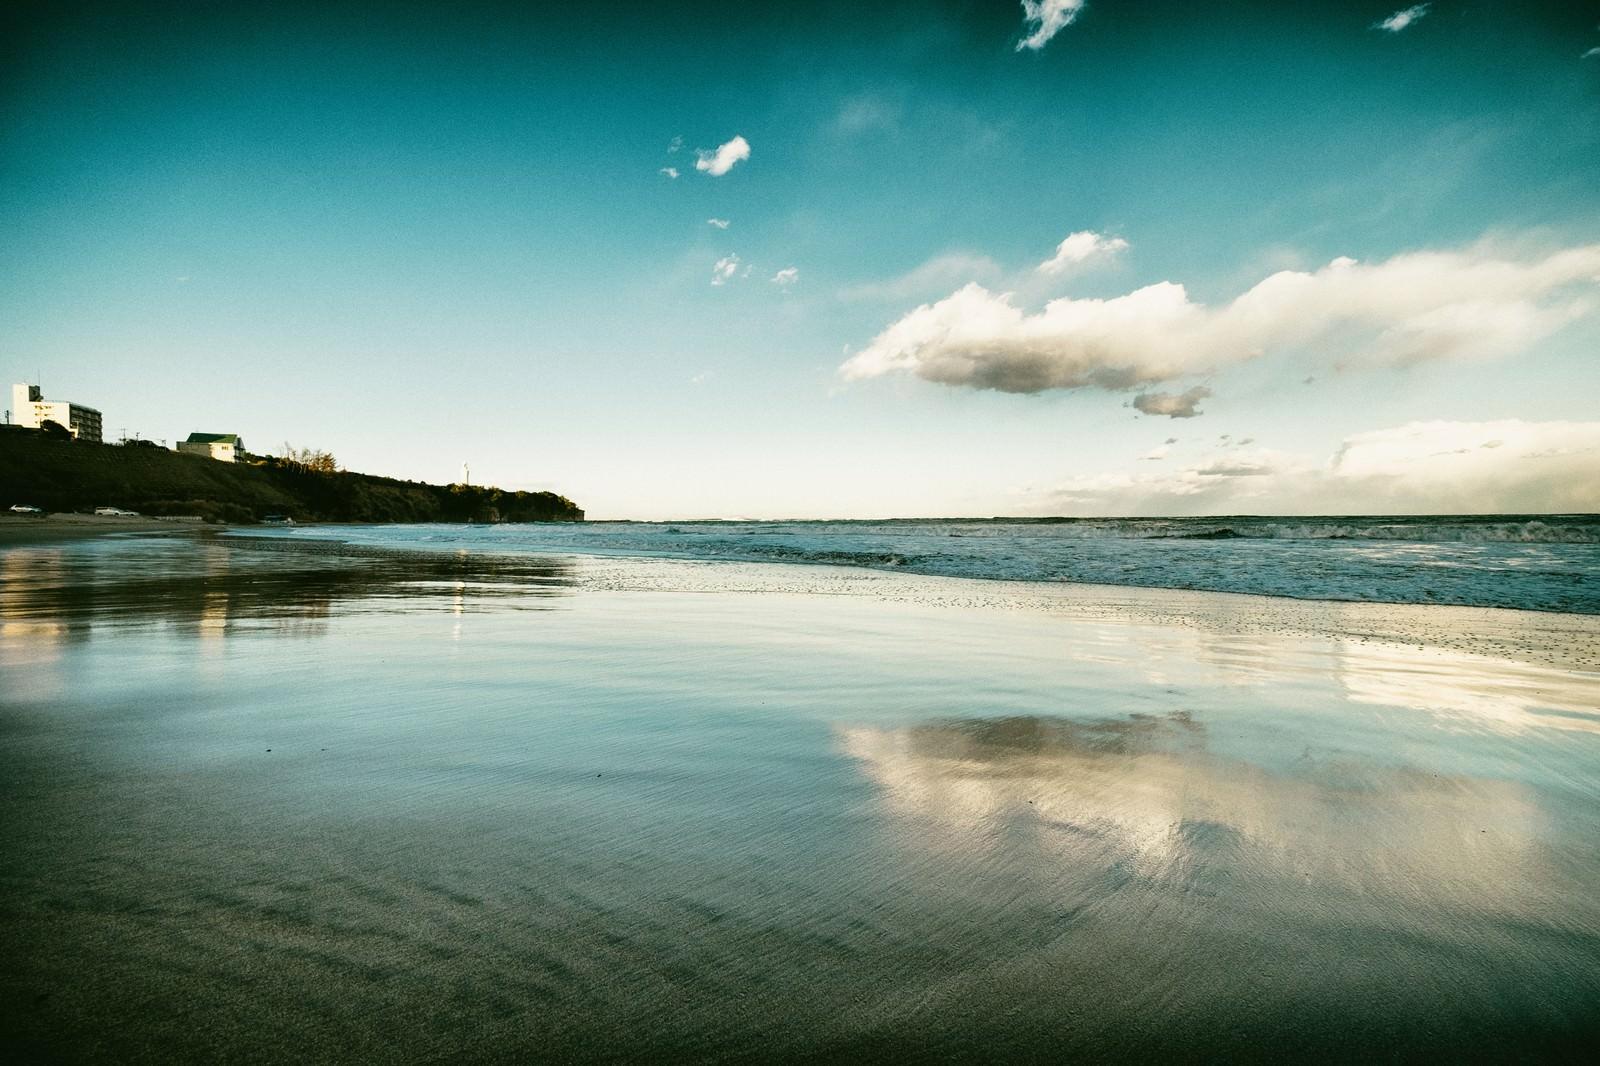 「波が引くように去っていく」の写真